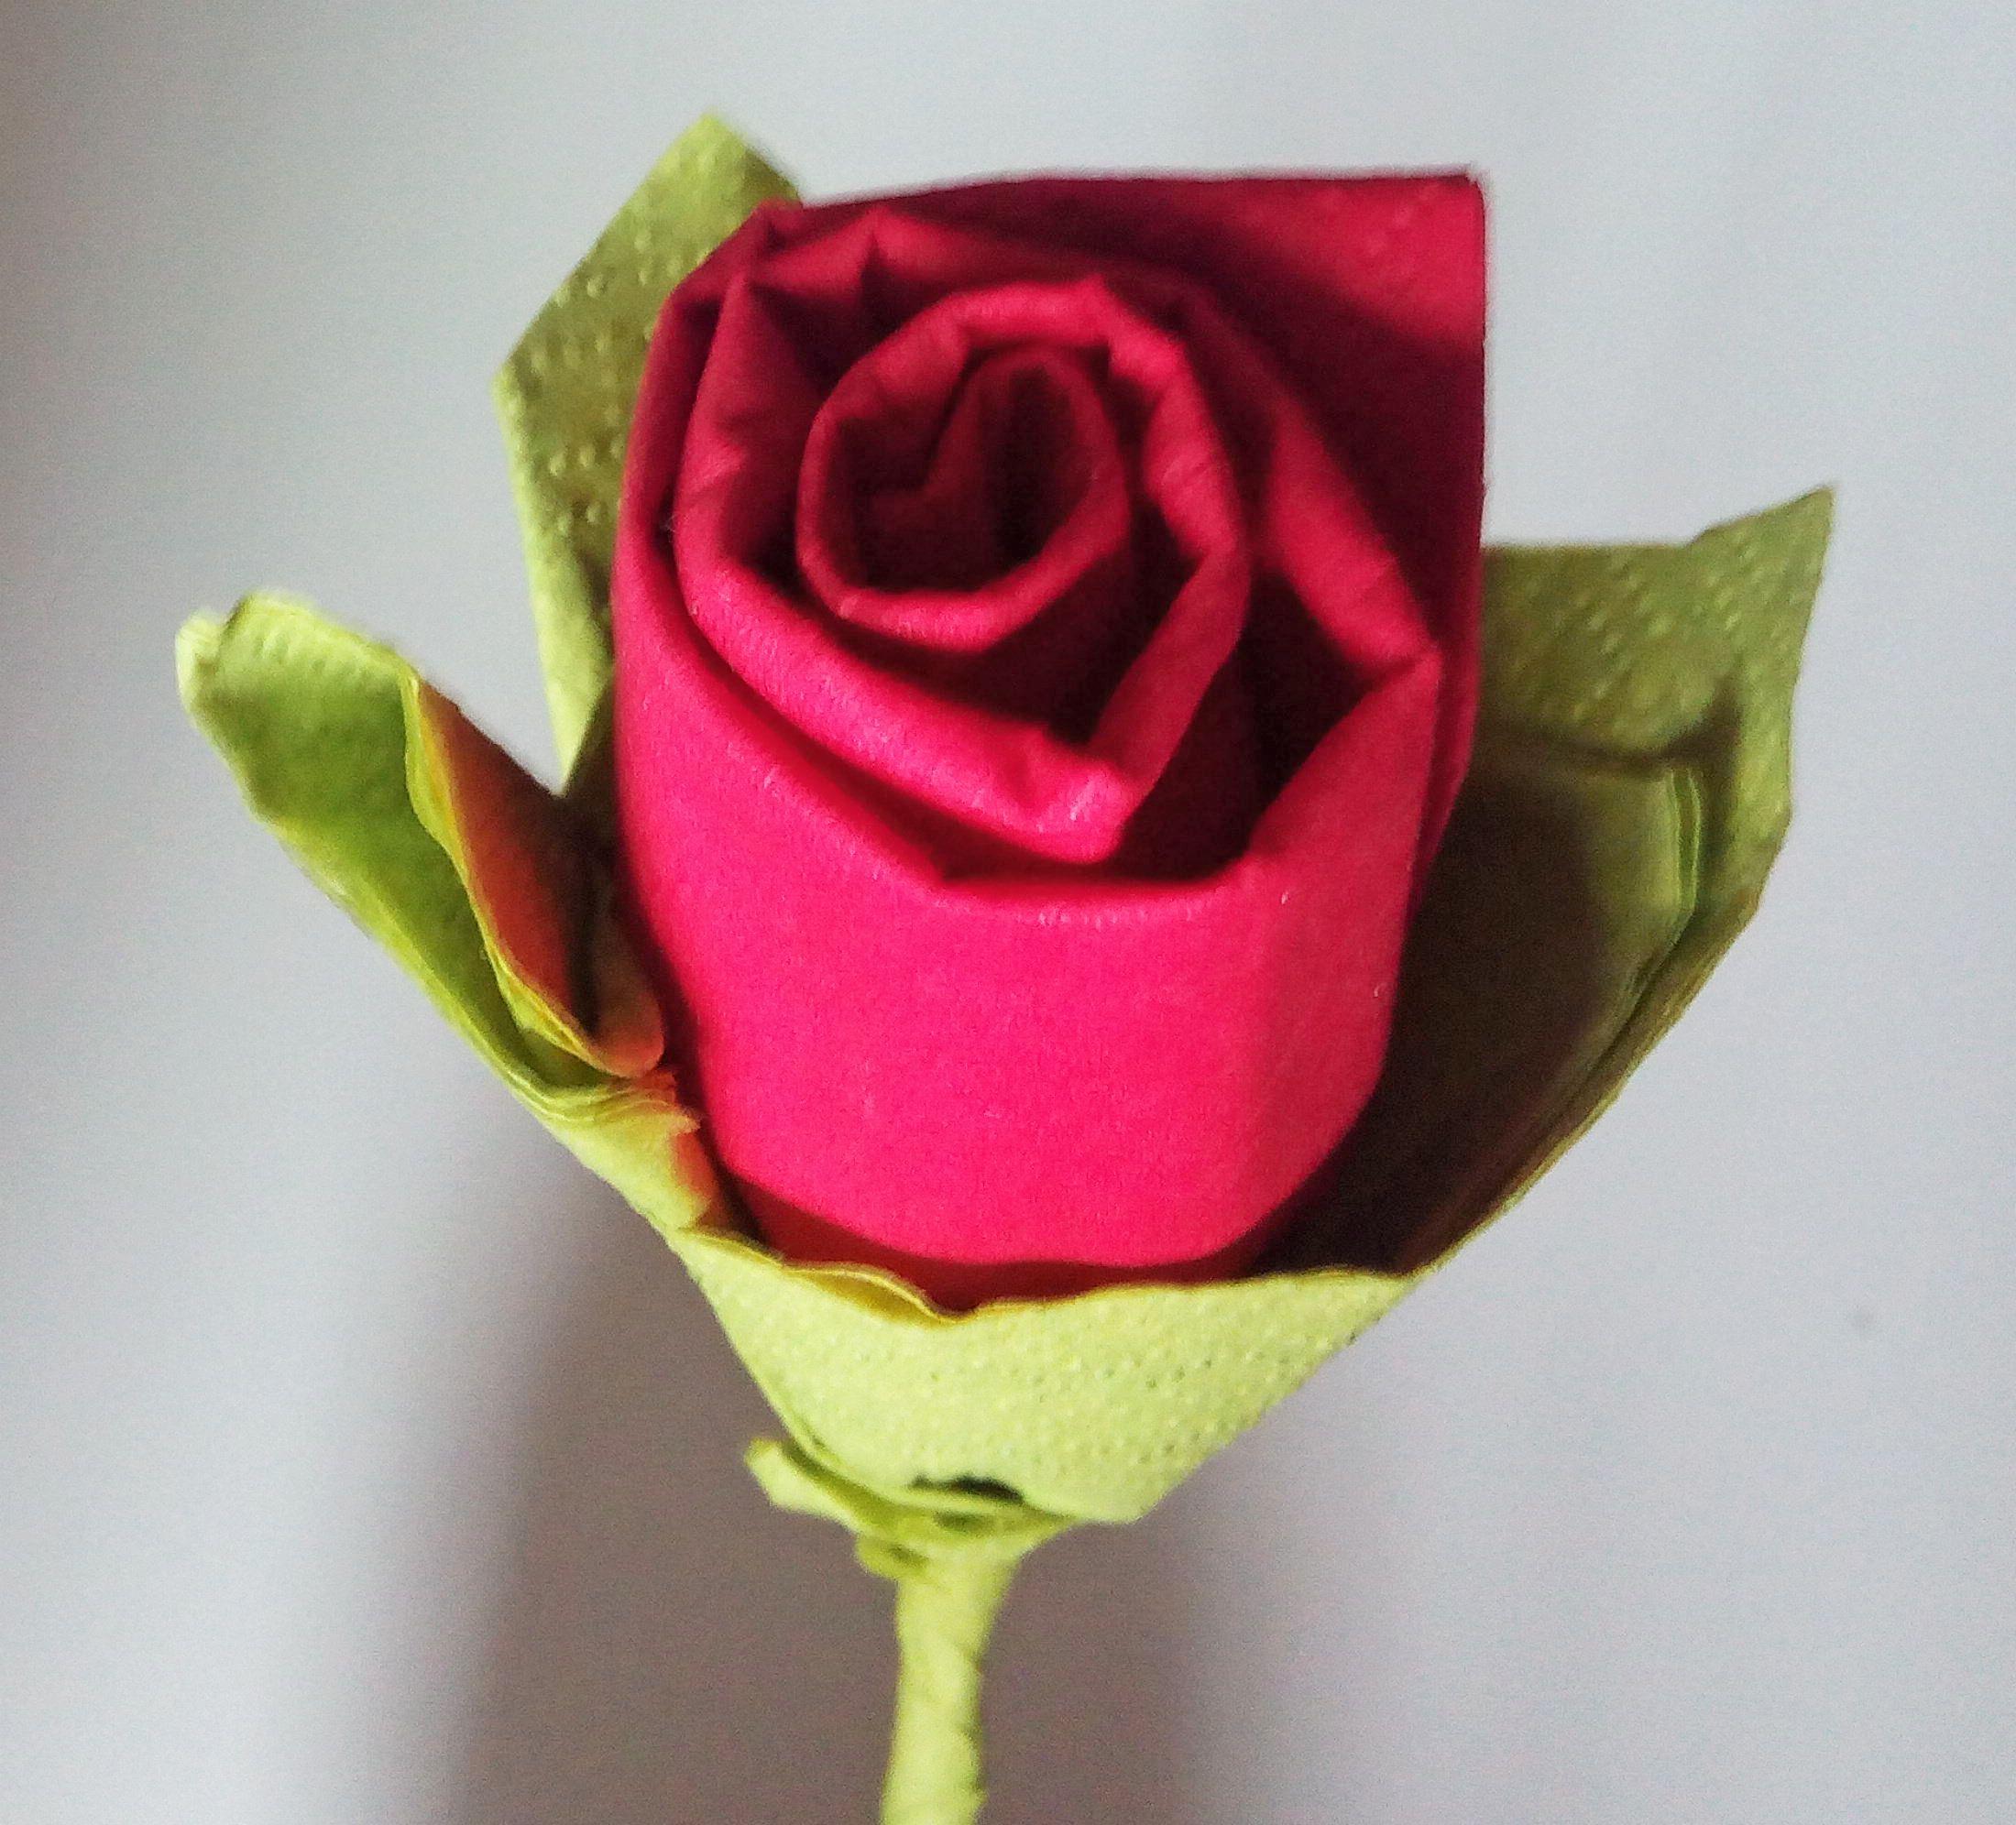 hacer rosas de papel con servilletas - Como Hacer Rosas De Papel